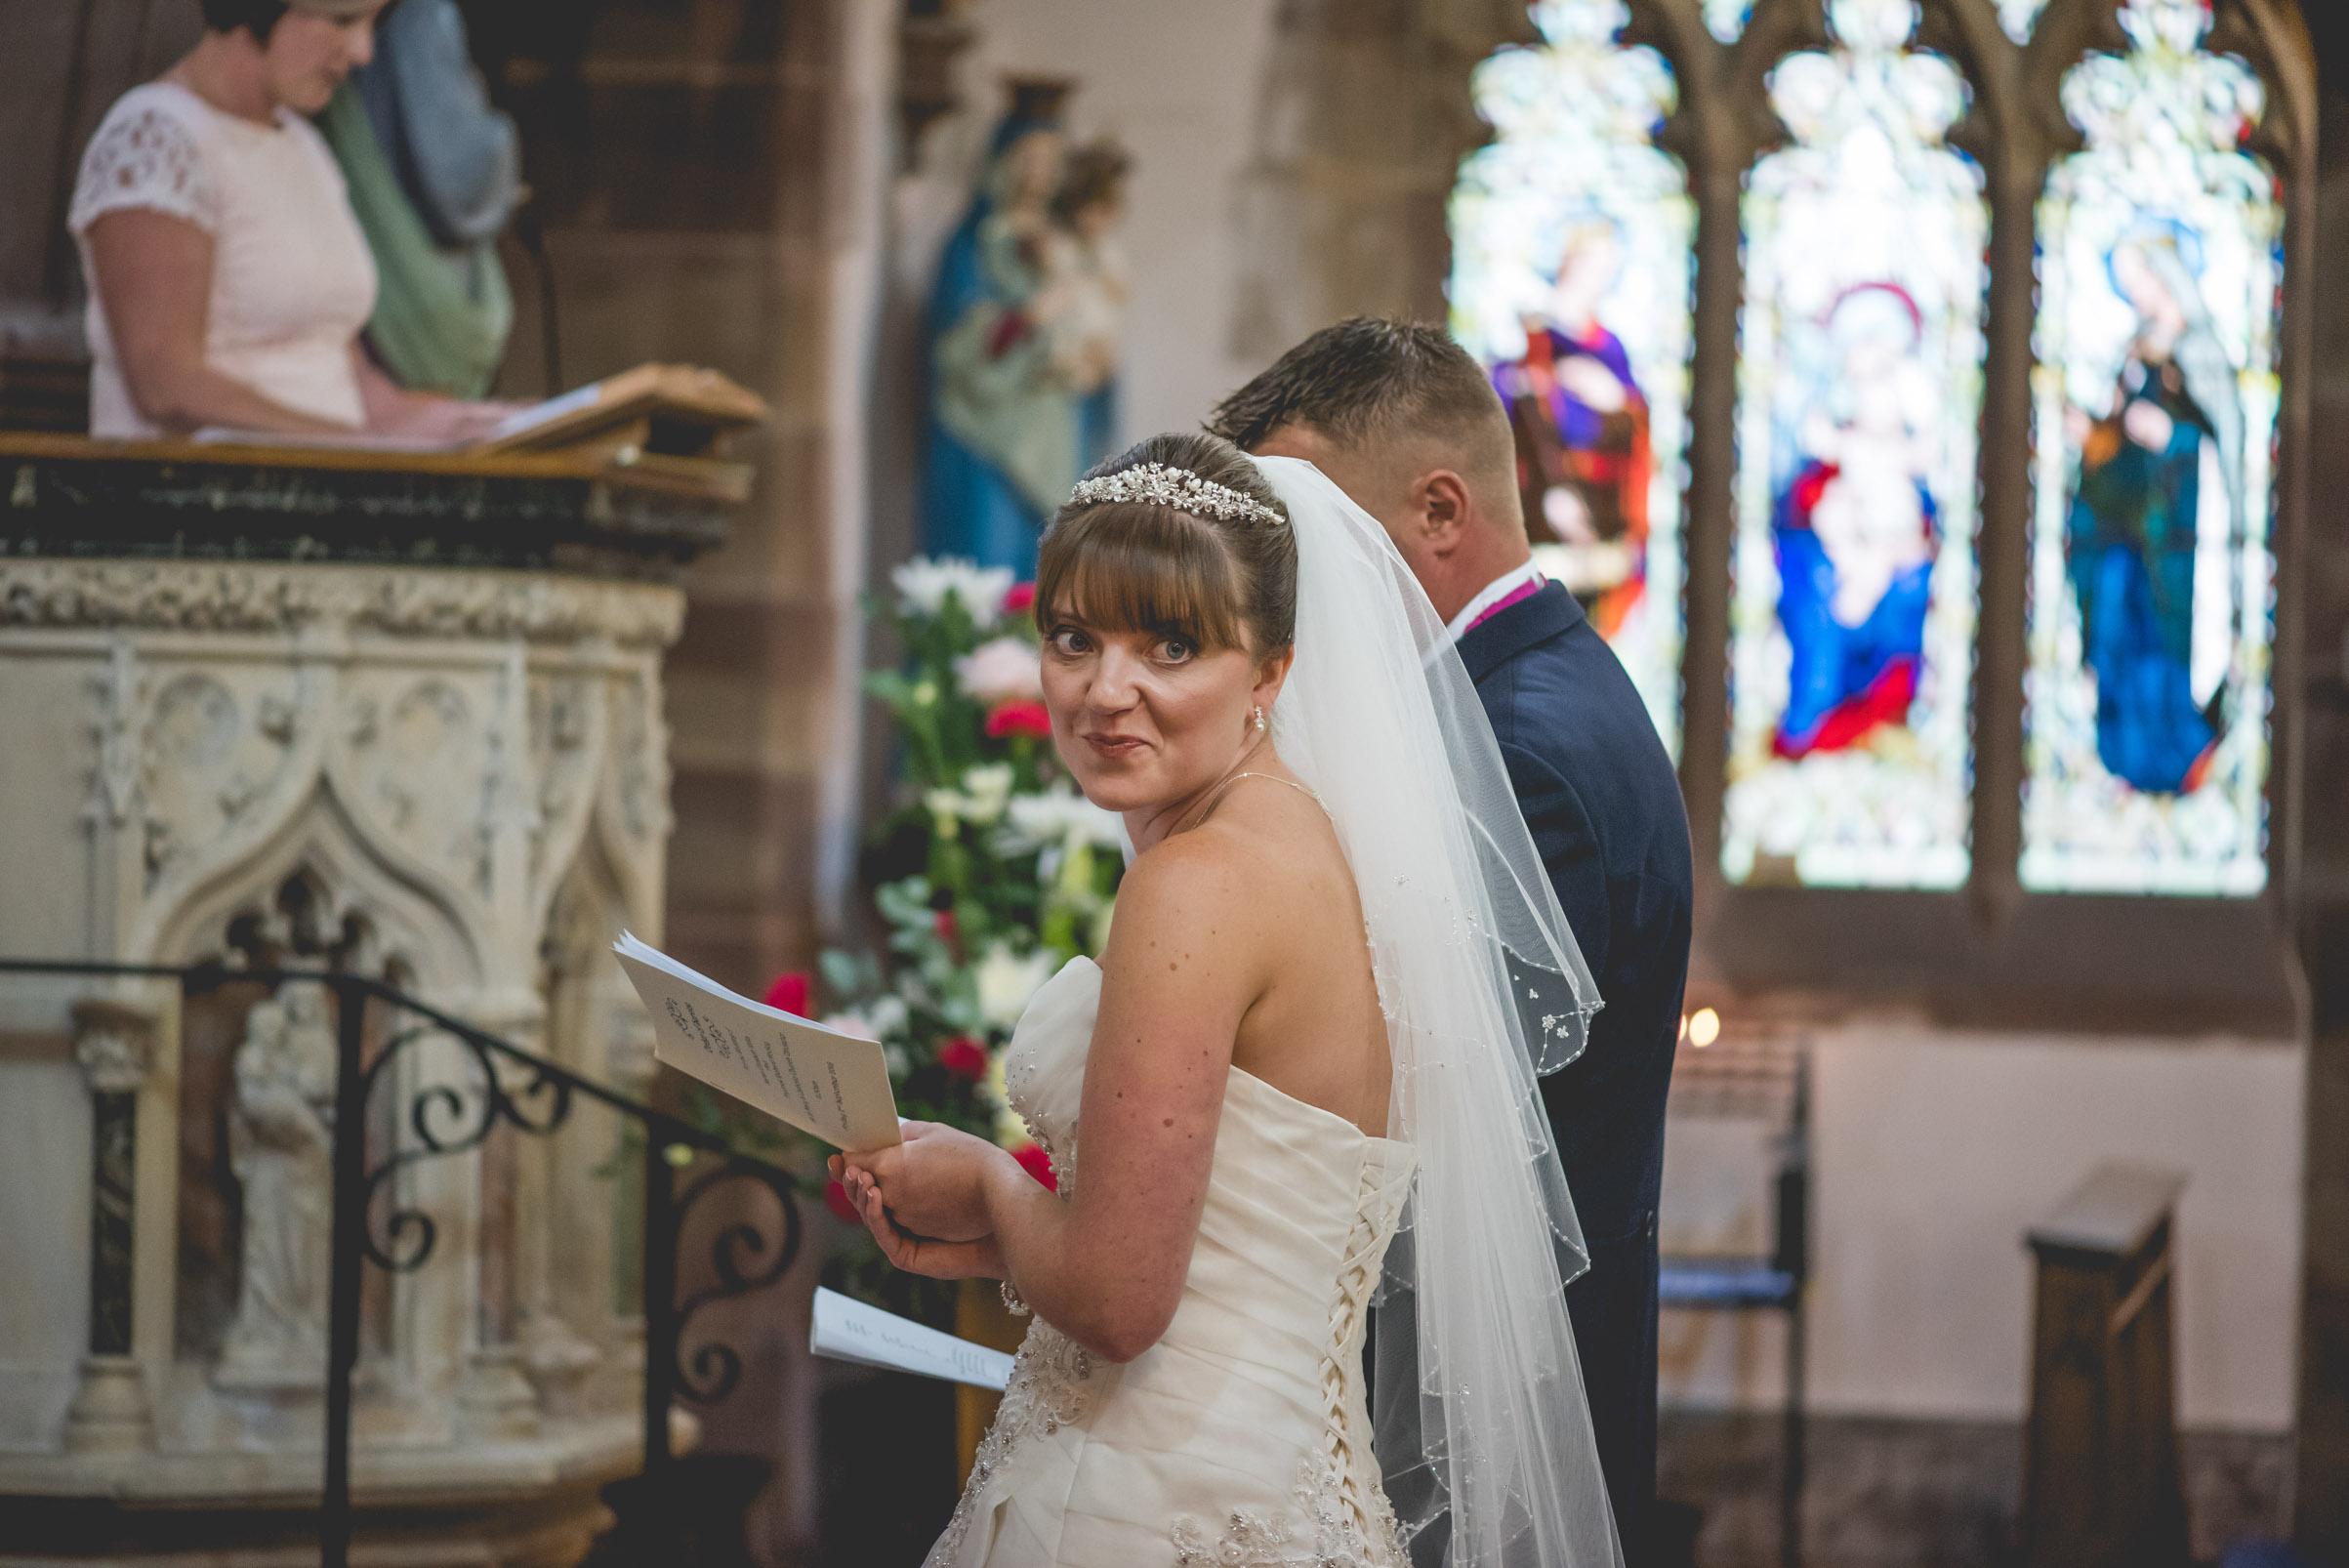 Farm-wedding-staffordshire-st-marys-catholic-church-uttoxter-37.jpg